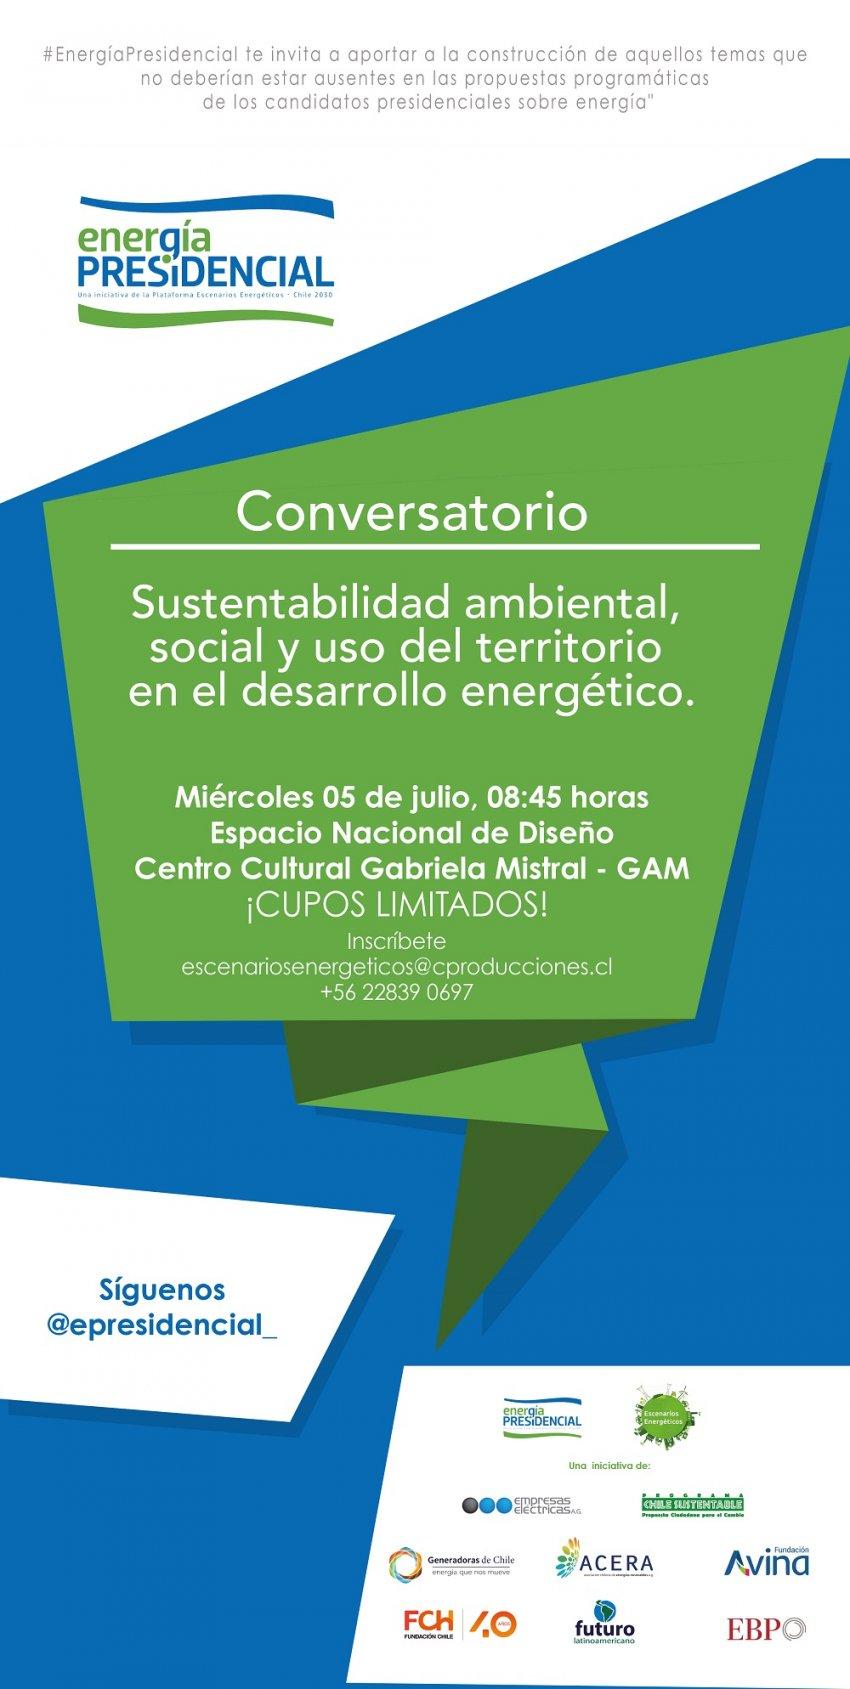 #EnergiaPresidencial Conversatorio 1